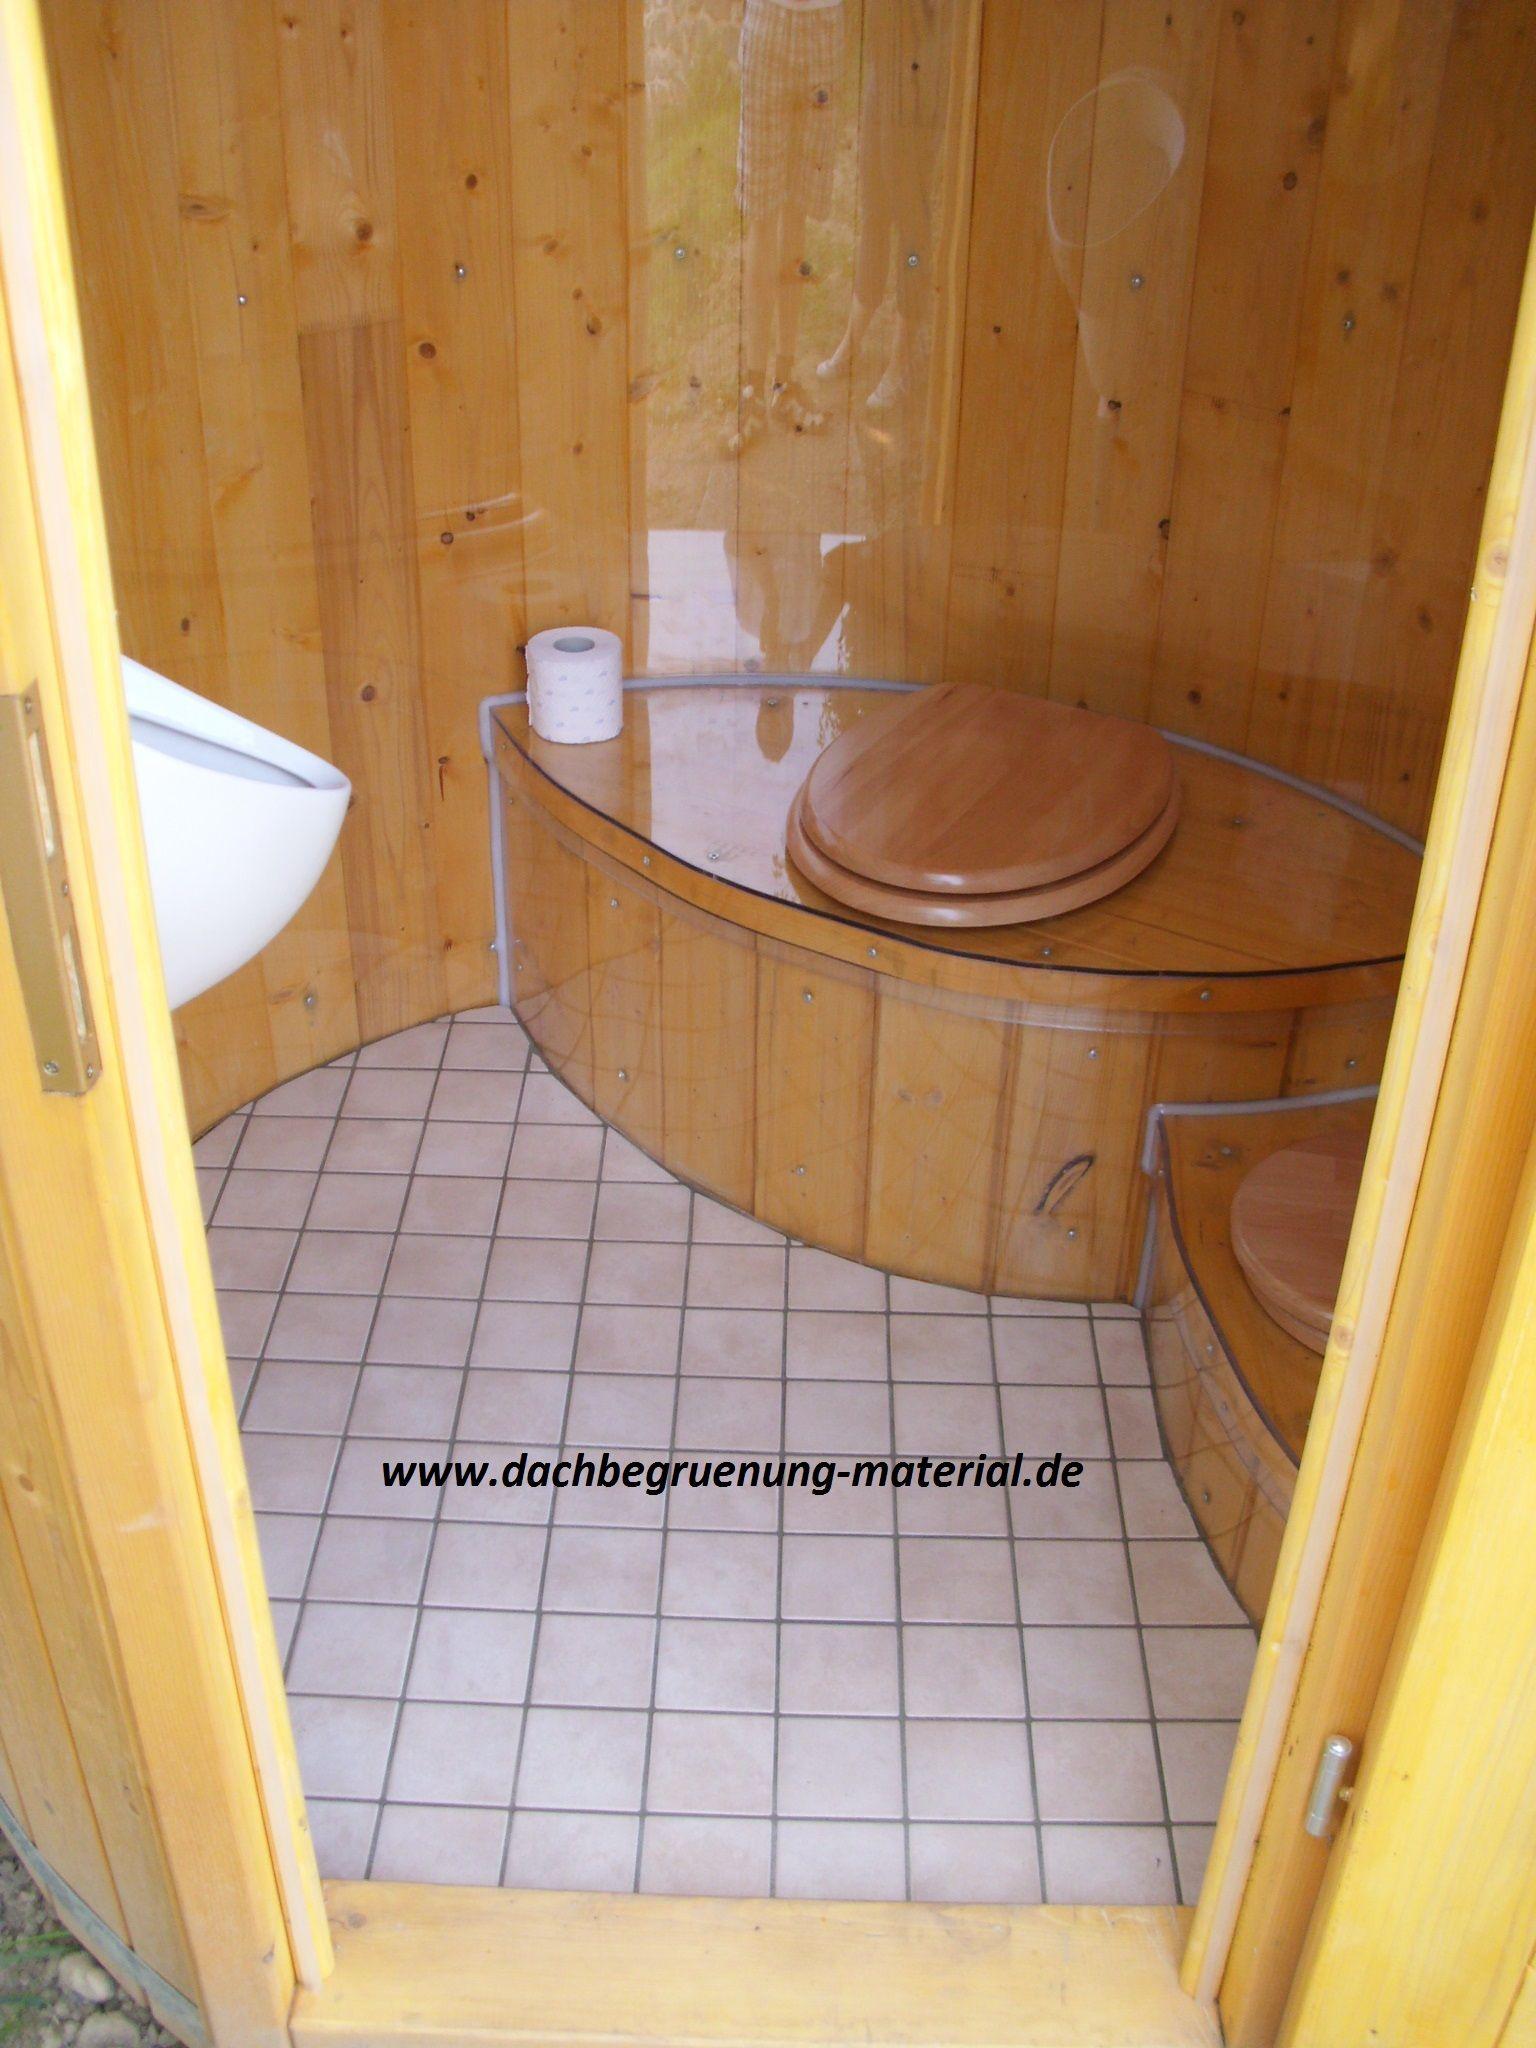 Marvelous Fasssauna u Garten WC bei dachbegruenung material de